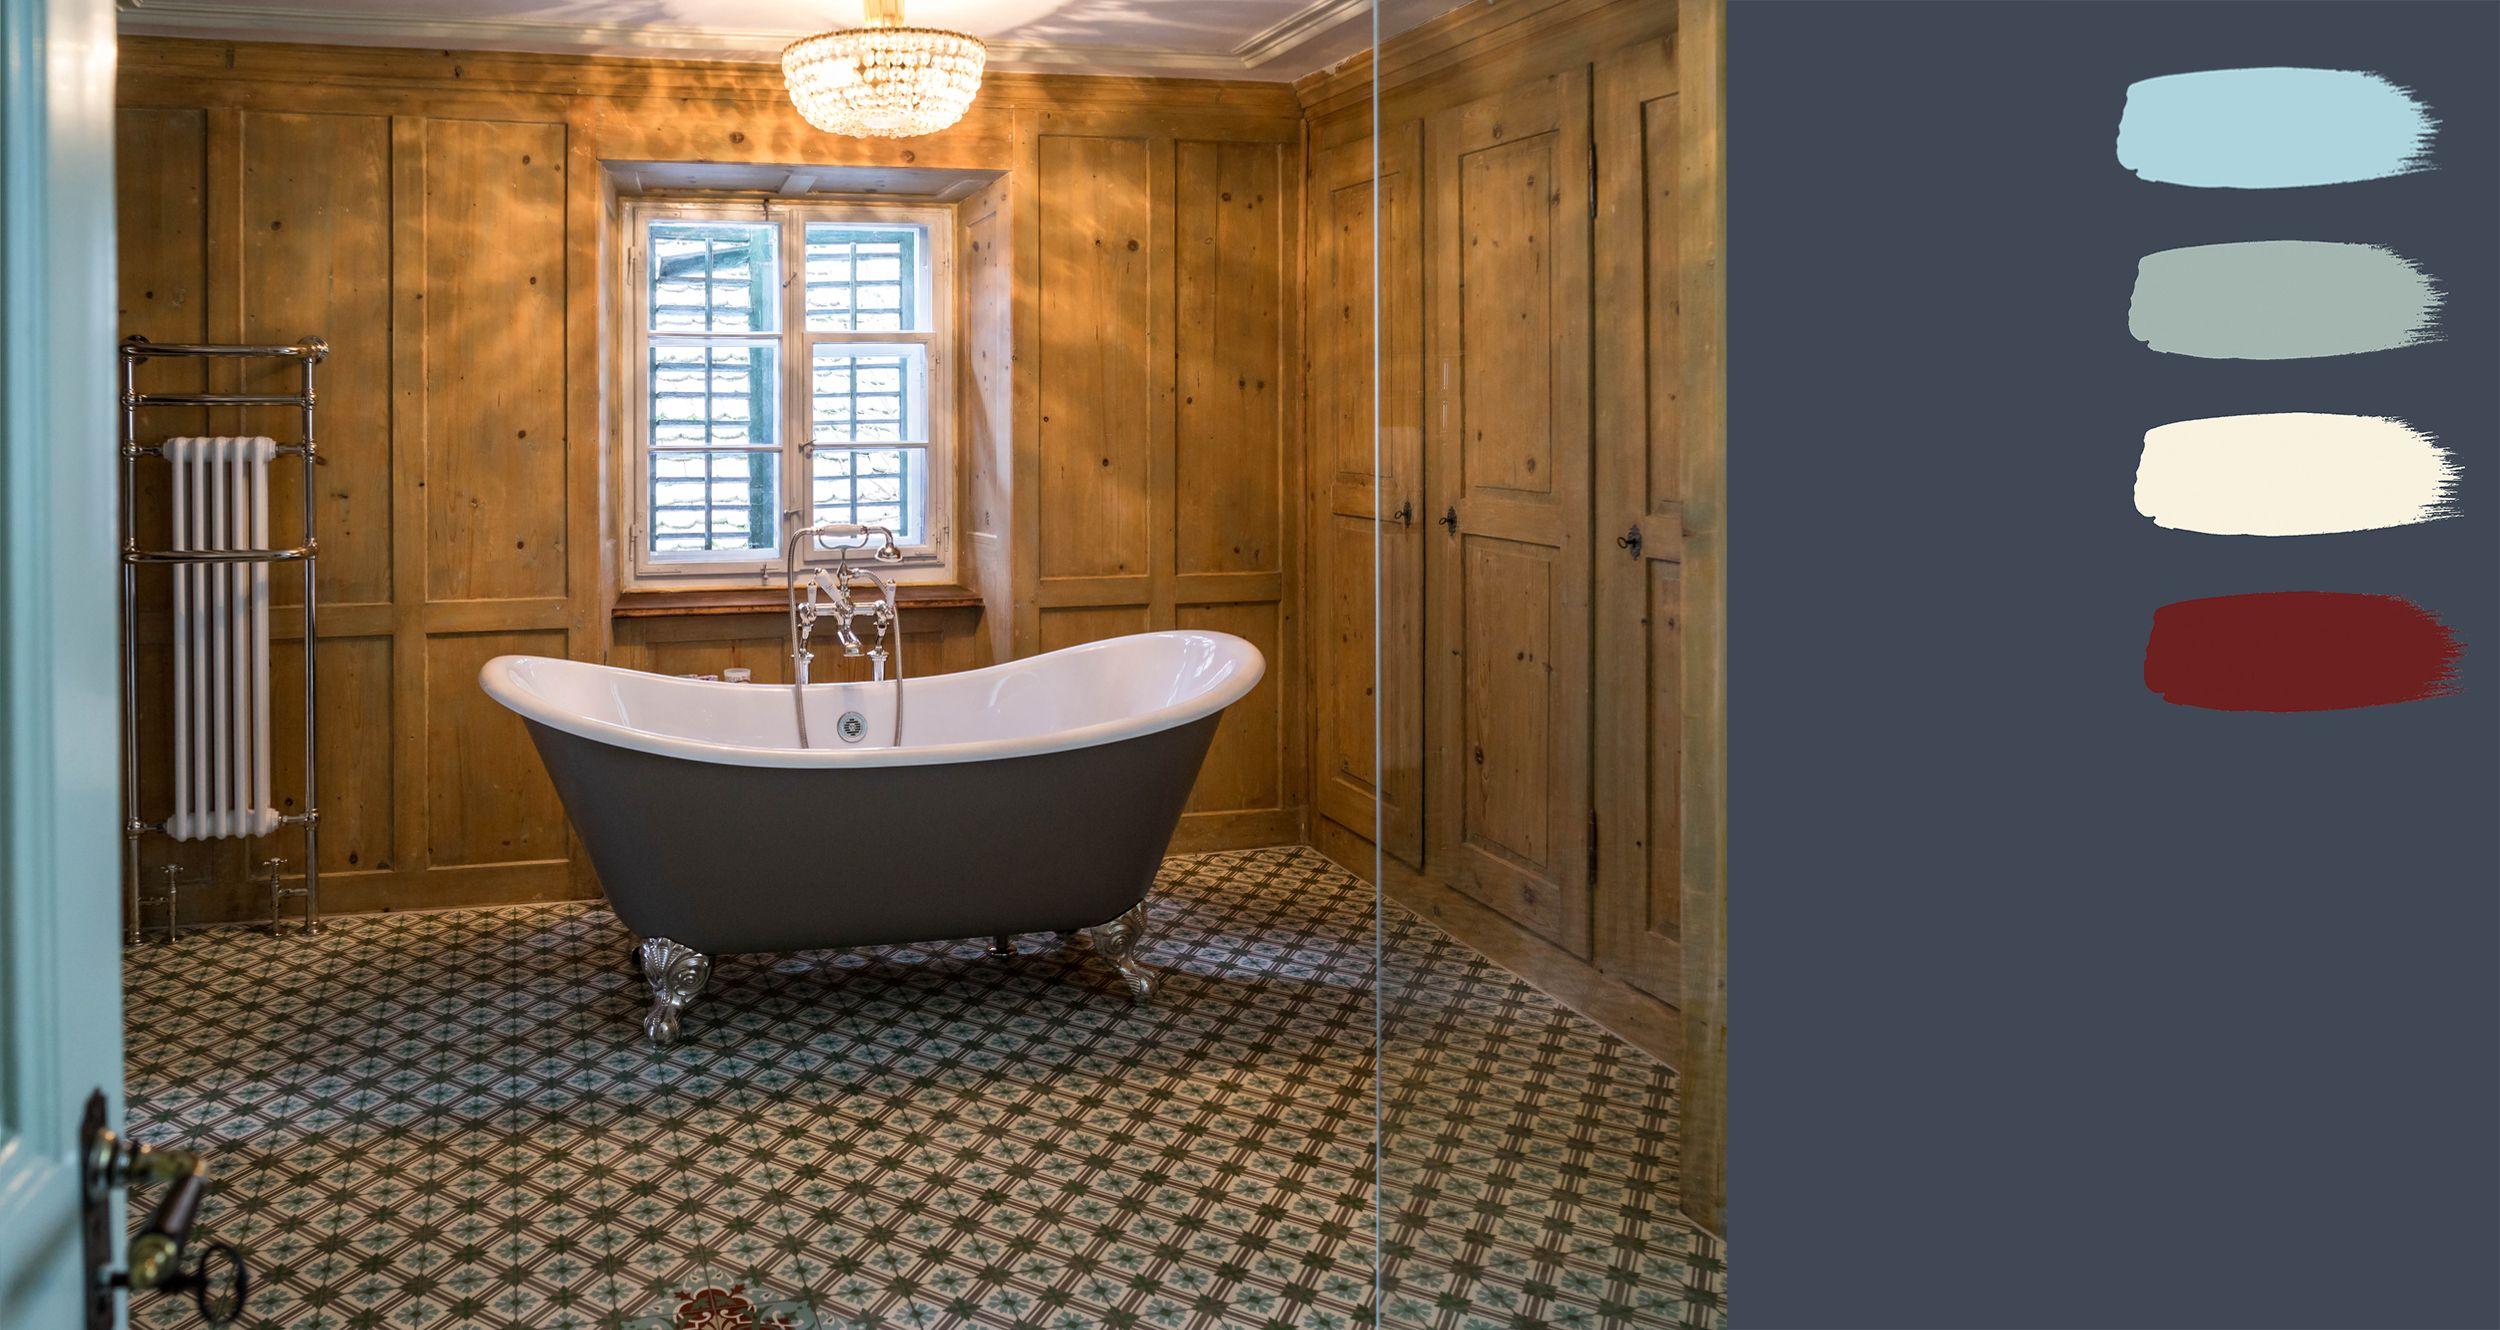 Full Size of Traditional Bathrooms Zeitlos Schne Badezimmer Heizkörper Wohnzimmer Elektroheizkörper Bad Für Schöne Betten Mein Schöner Garten Abo Wohnzimmer Schöne Heizkörper